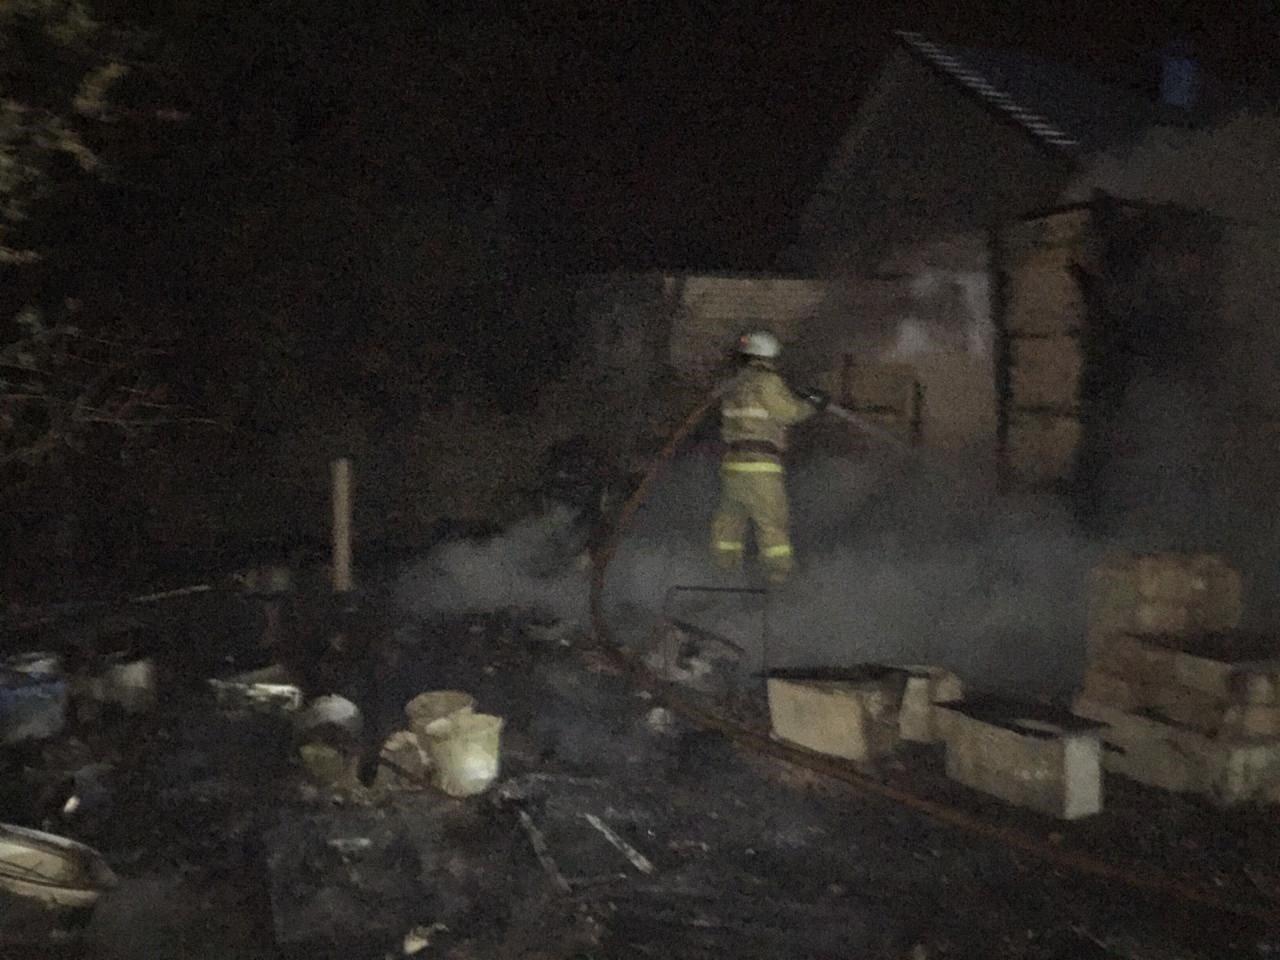 В пожаре под Белгородом погибли мужчина и женщина, фото-1